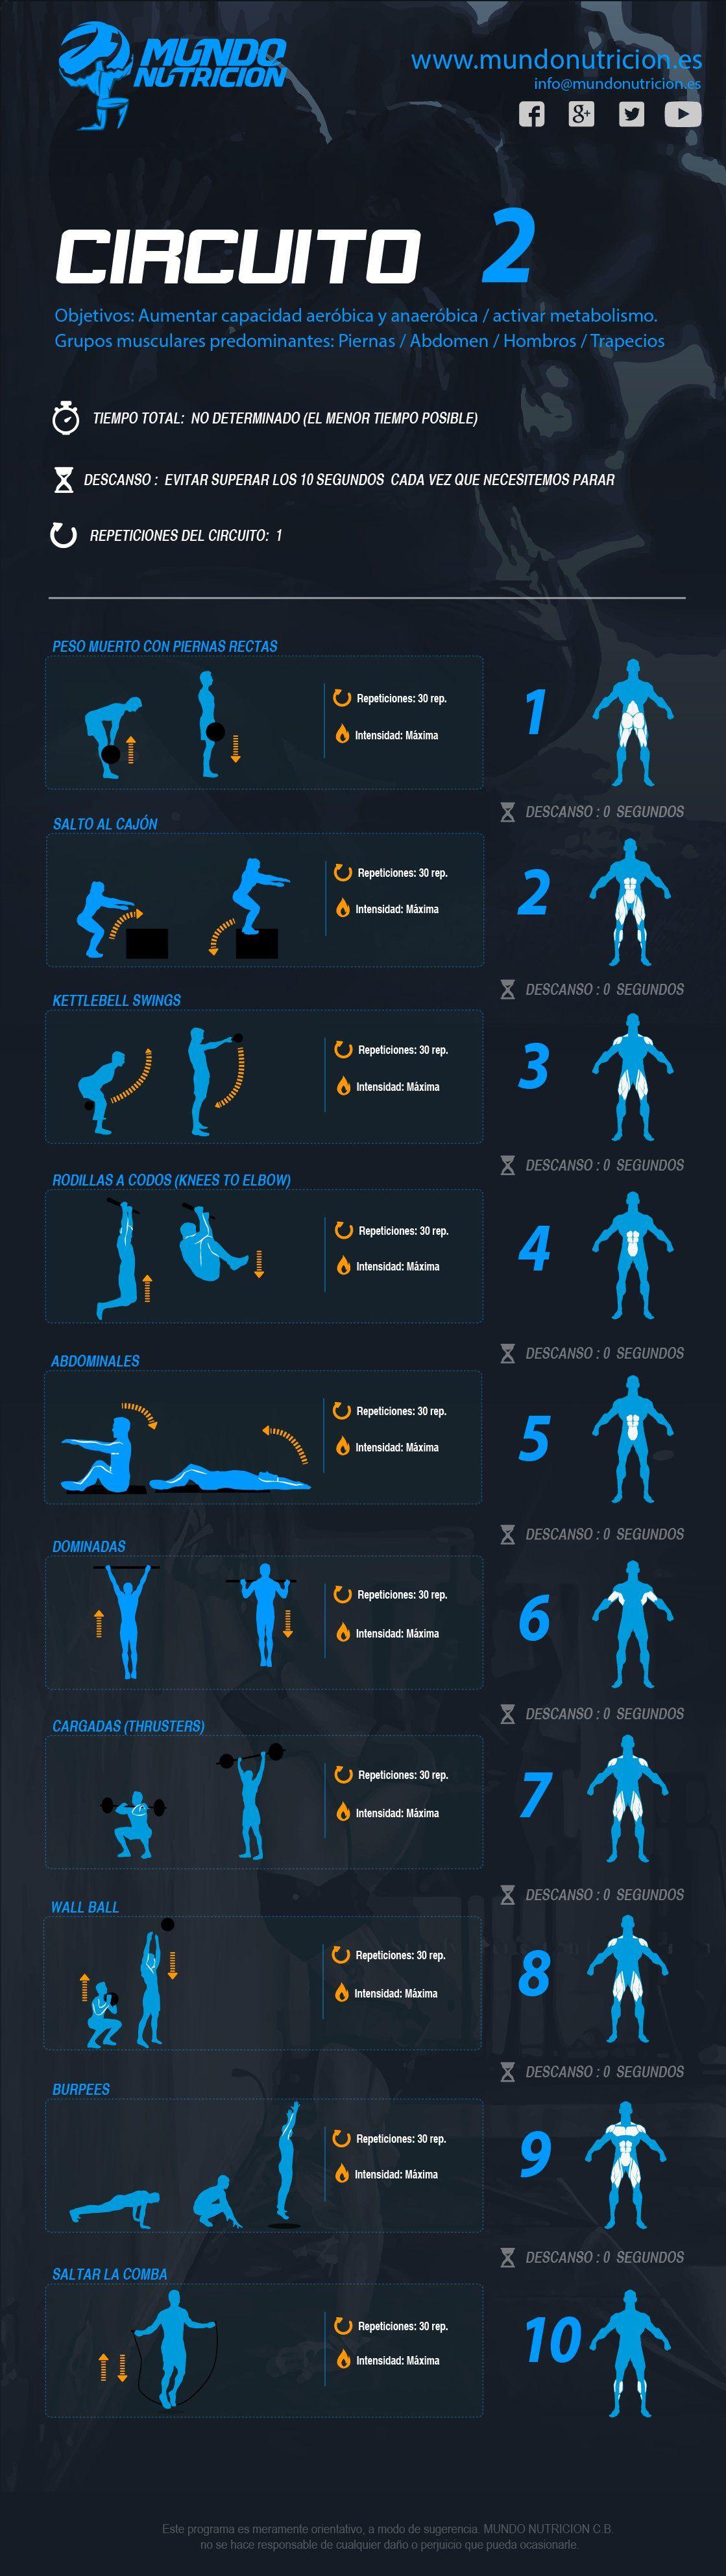 Circuito Tabata : Circuito metabólico mundo nutrición ejercicio fisico